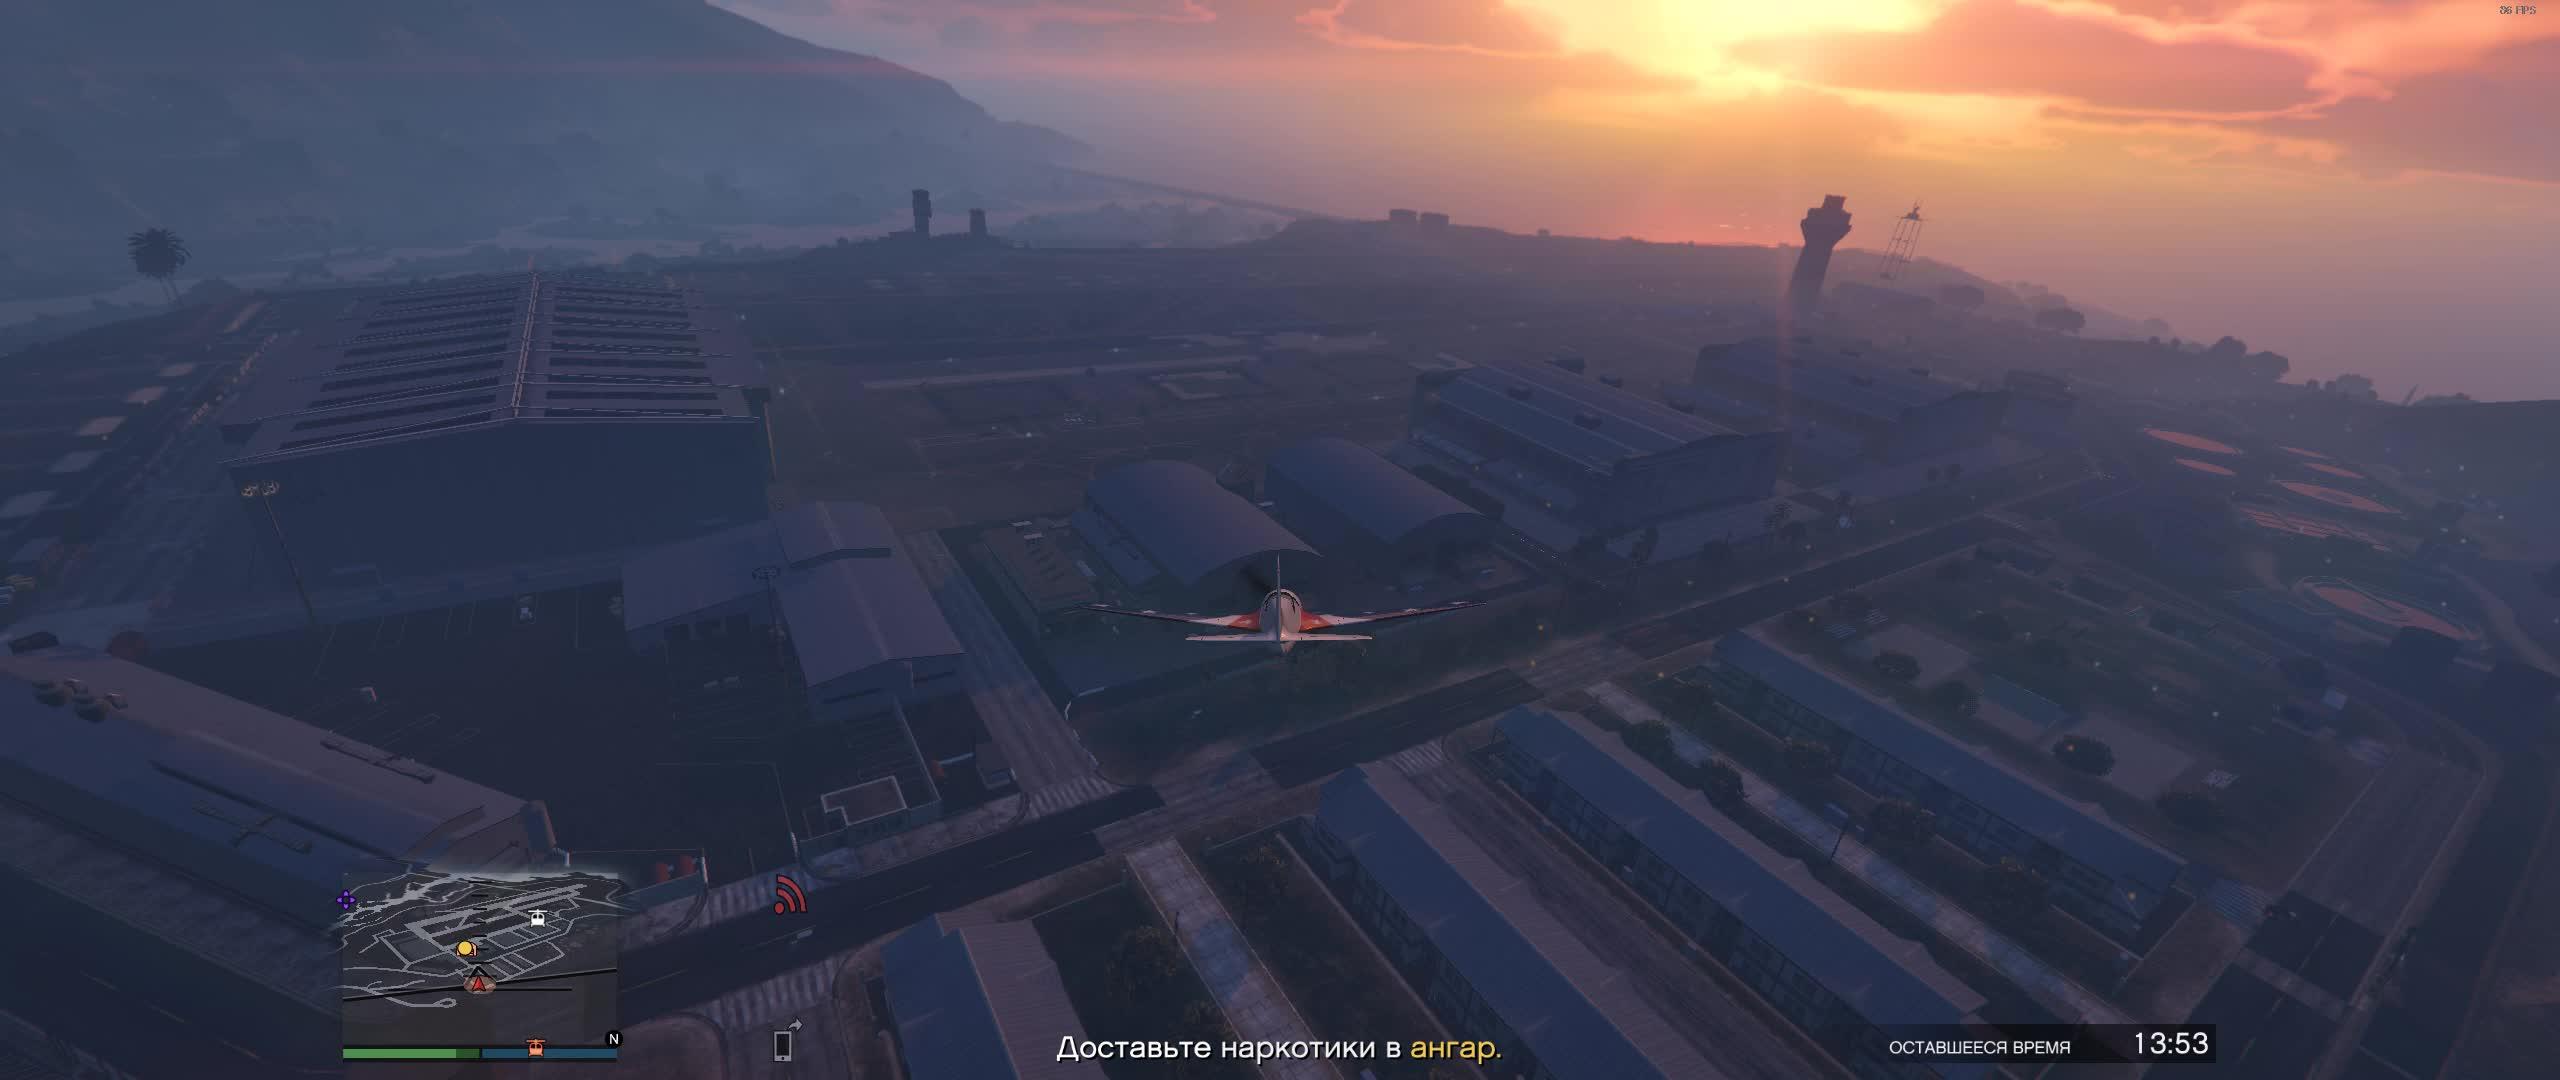 Grand Theft Auto V 08.30.2017 - 14.03.05.03.DVR GIFs